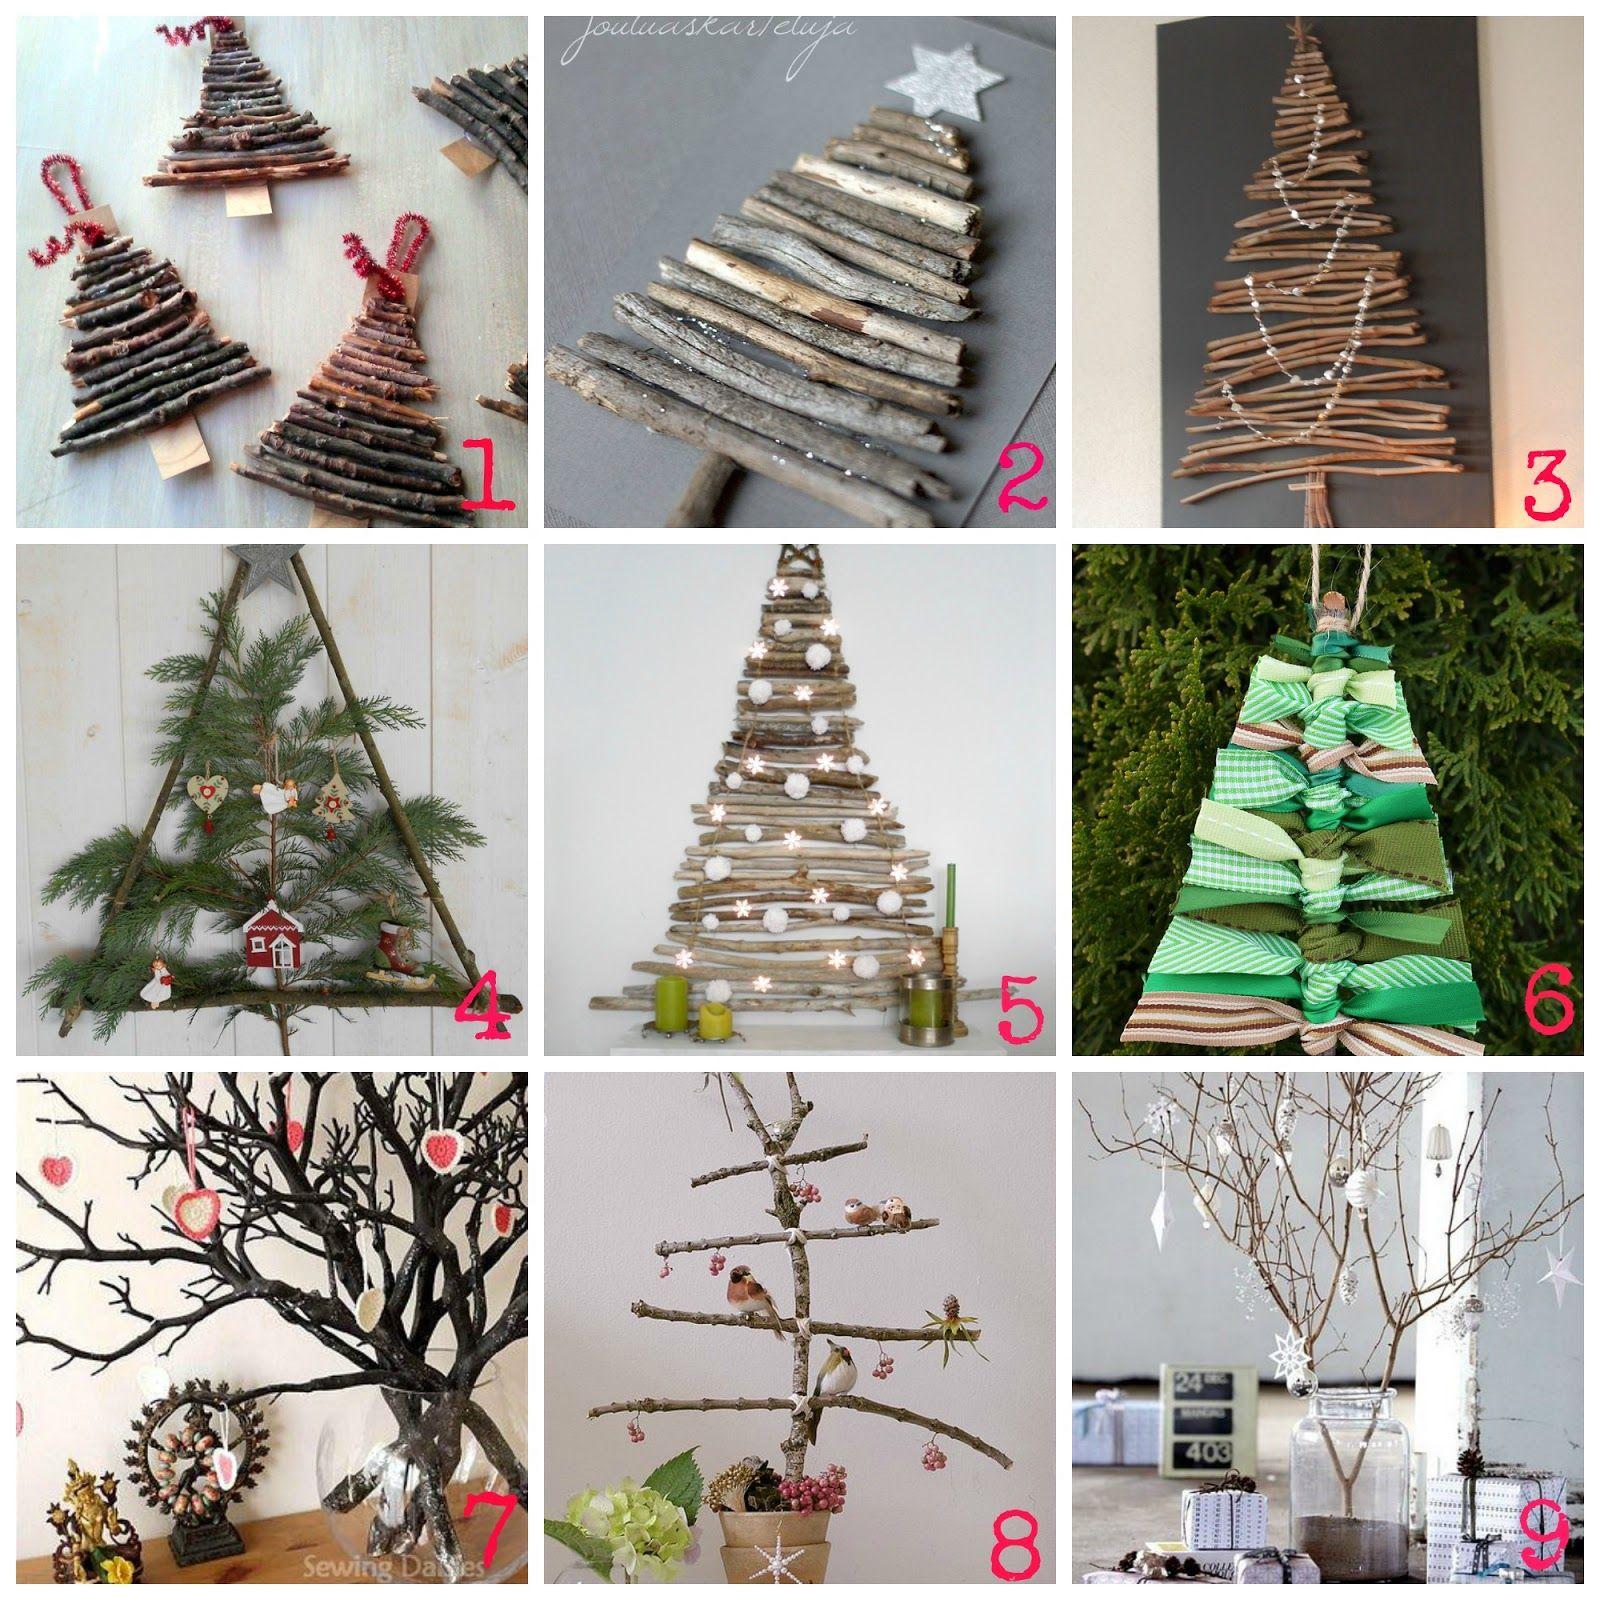 Decorazioni di natale fai da te con i rami secchi diy christmas christmas diy christmas e - Decorazioni per finestre di natale fai da te ...